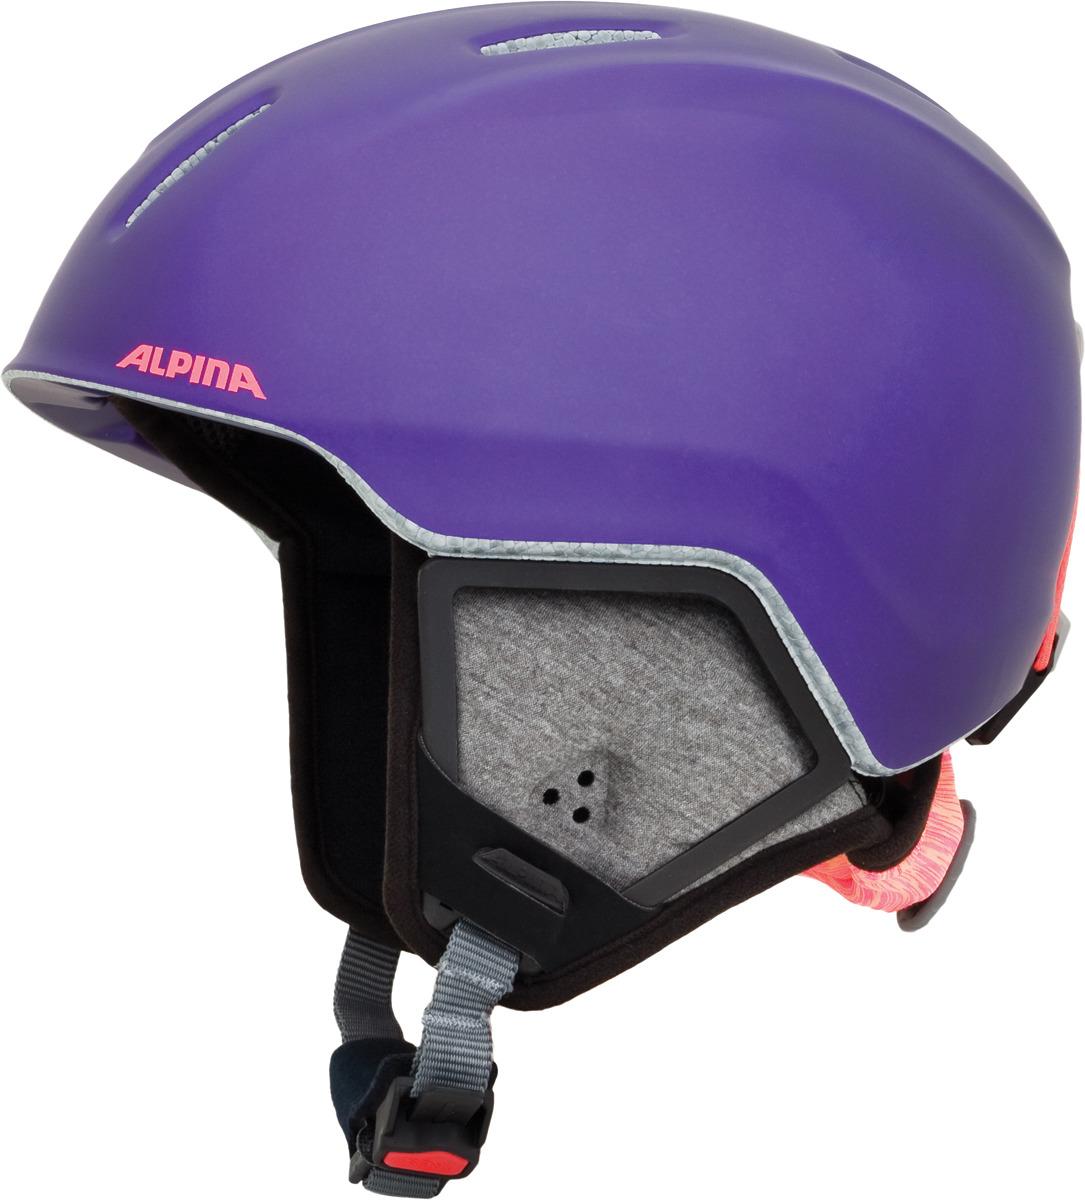 Шлем горнолыжный зимний Alpina Carat XT, цвет: фиолетовый, черный. Размер 54-58 см